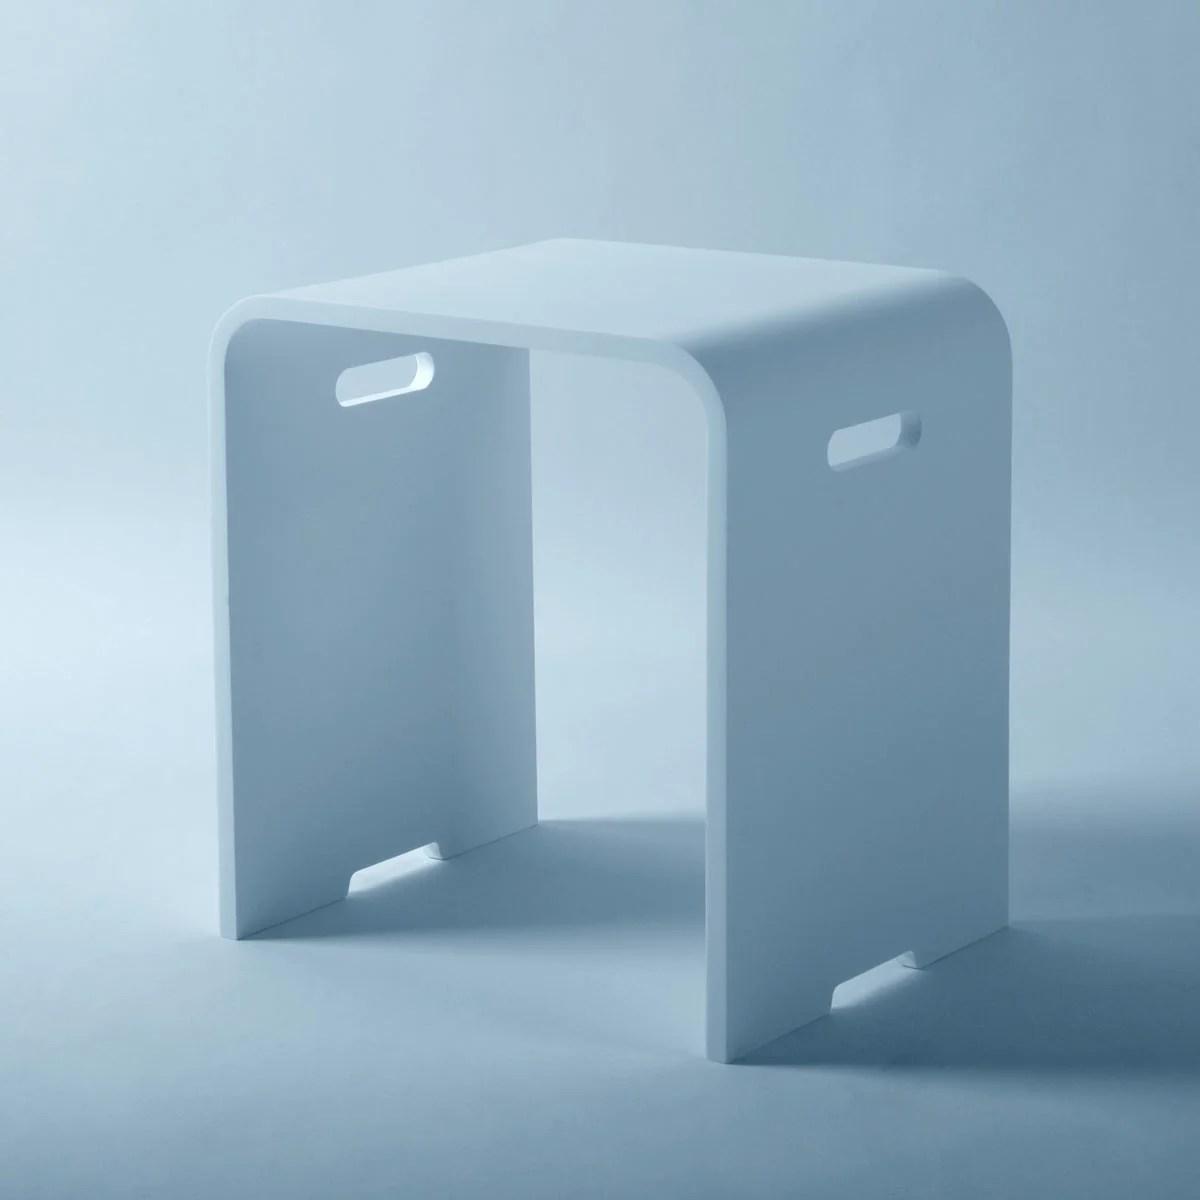 Tabouret Bain Douche Design En Solid Surface Sitto Le Monde Du Bain